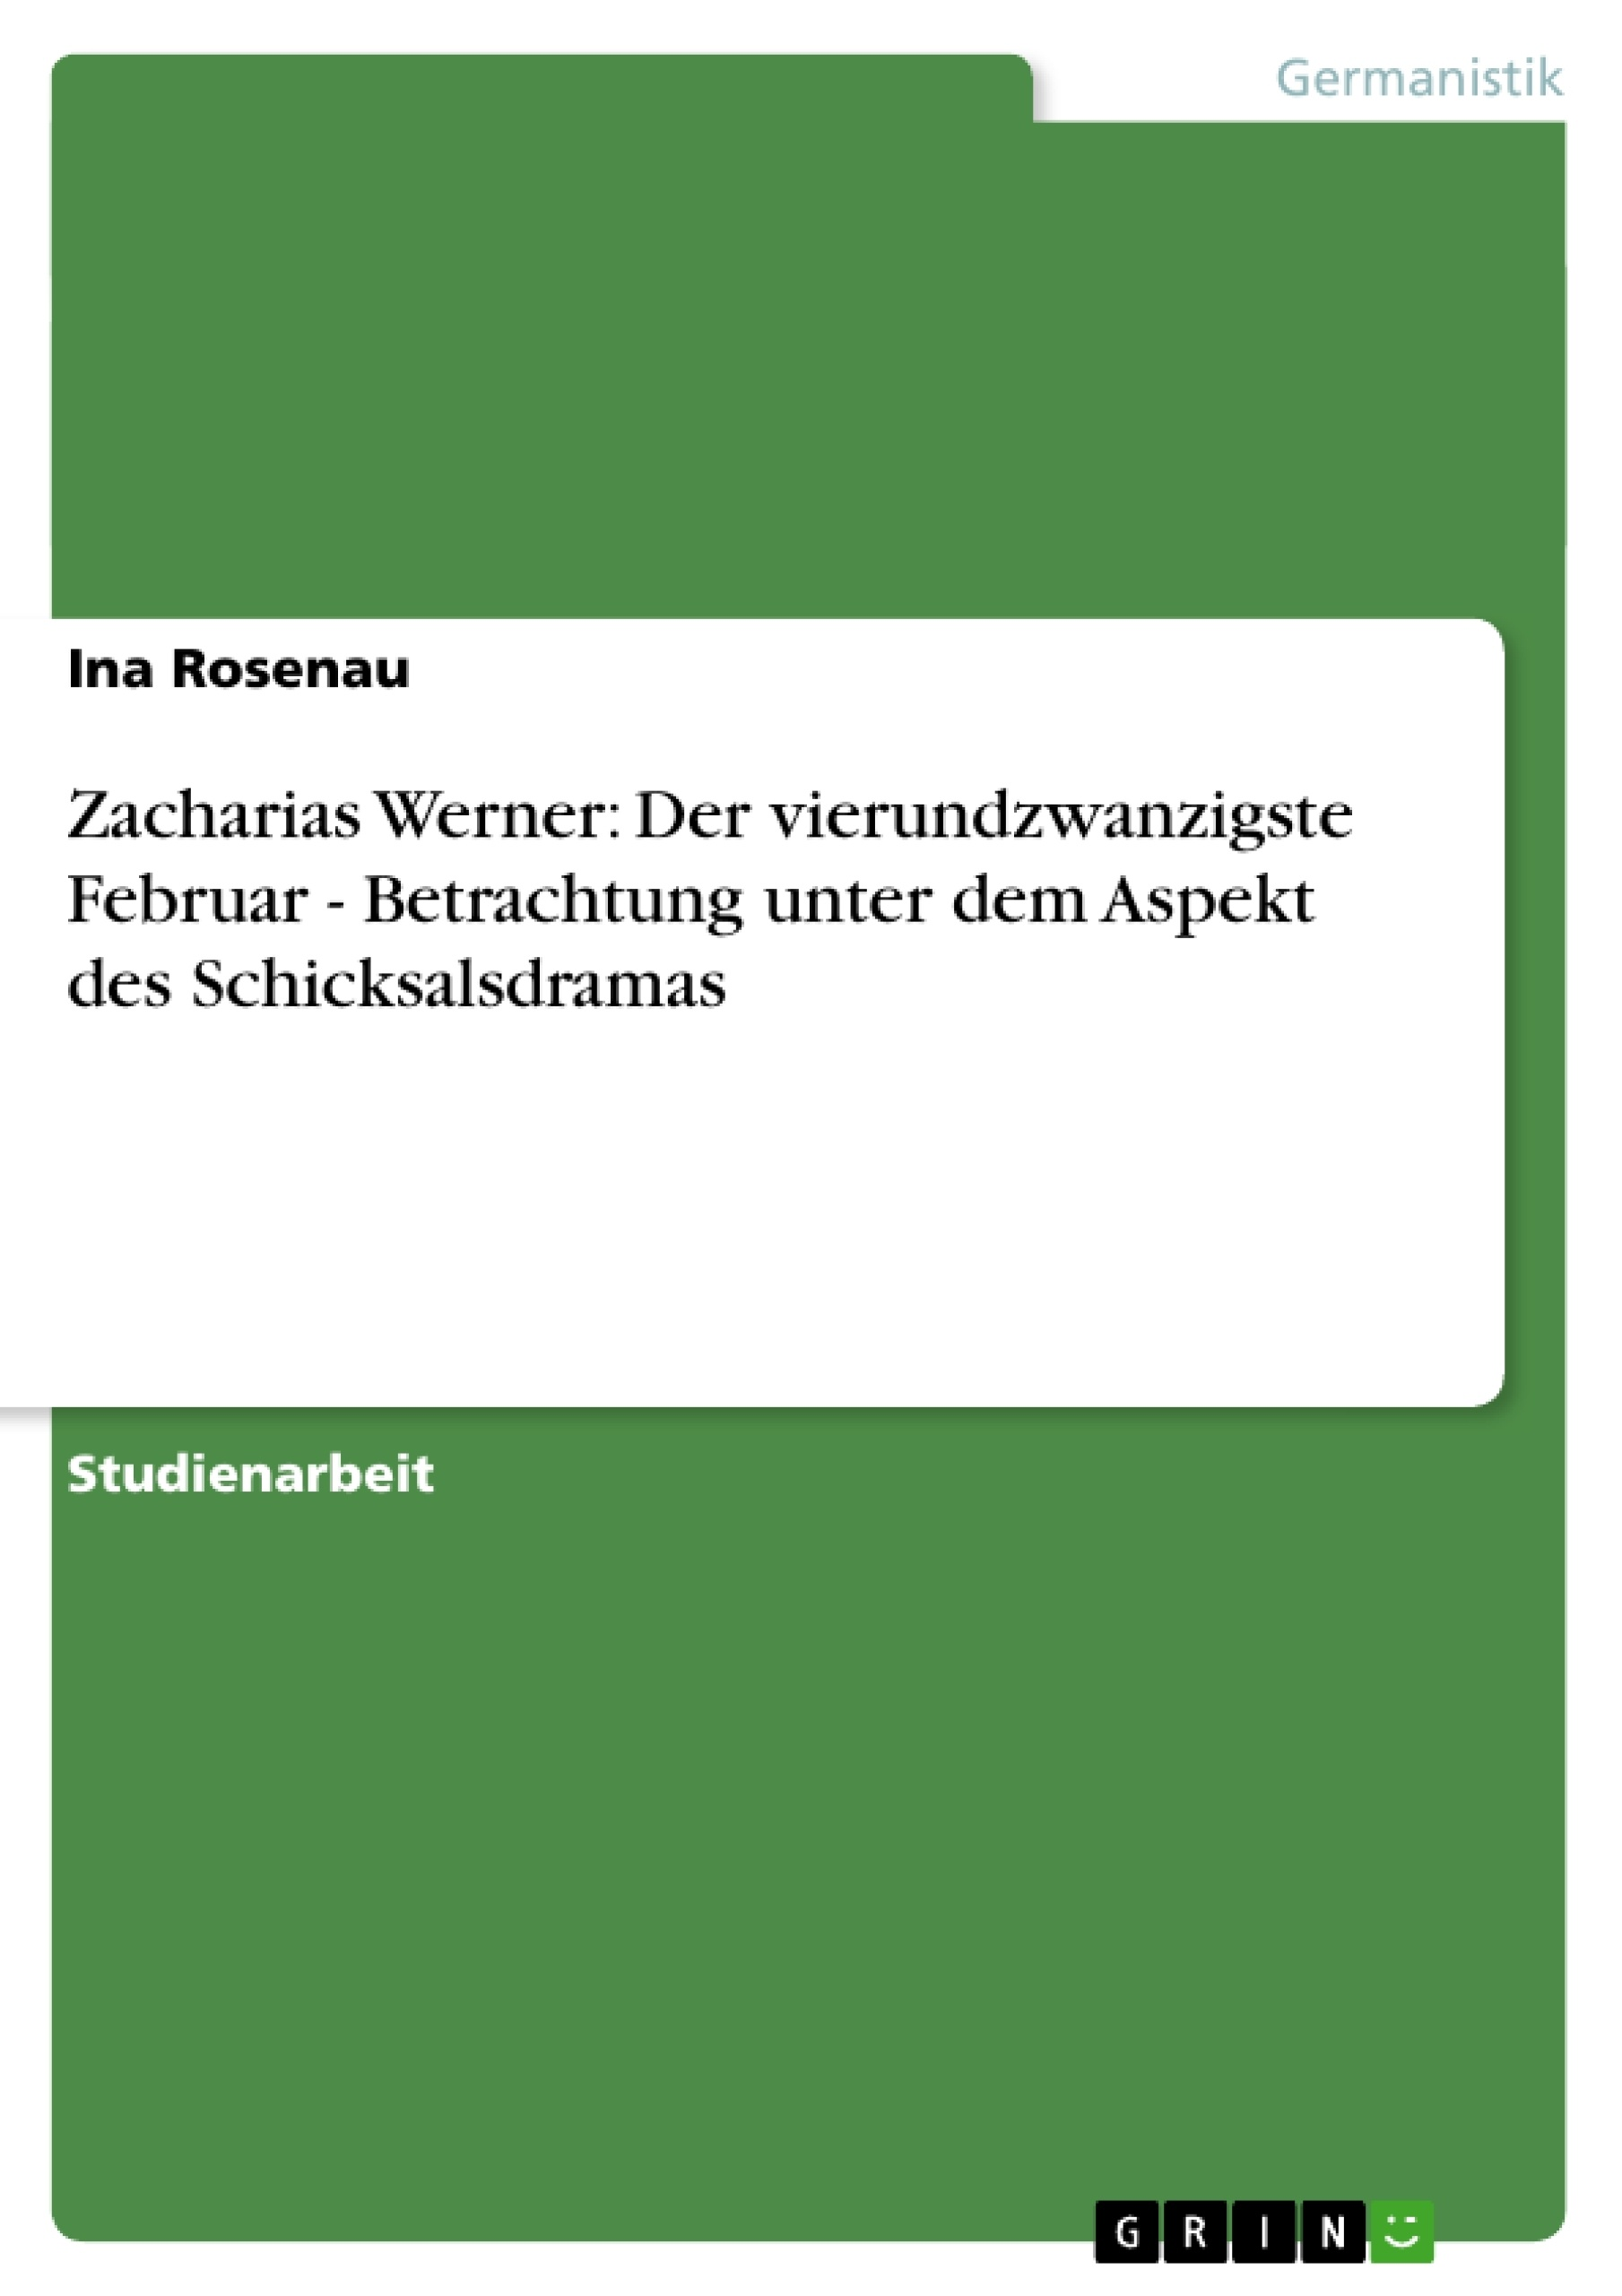 Titel: Zacharias Werner: Der vierundzwanzigste Februar - Betrachtung unter dem Aspekt des Schicksalsdramas